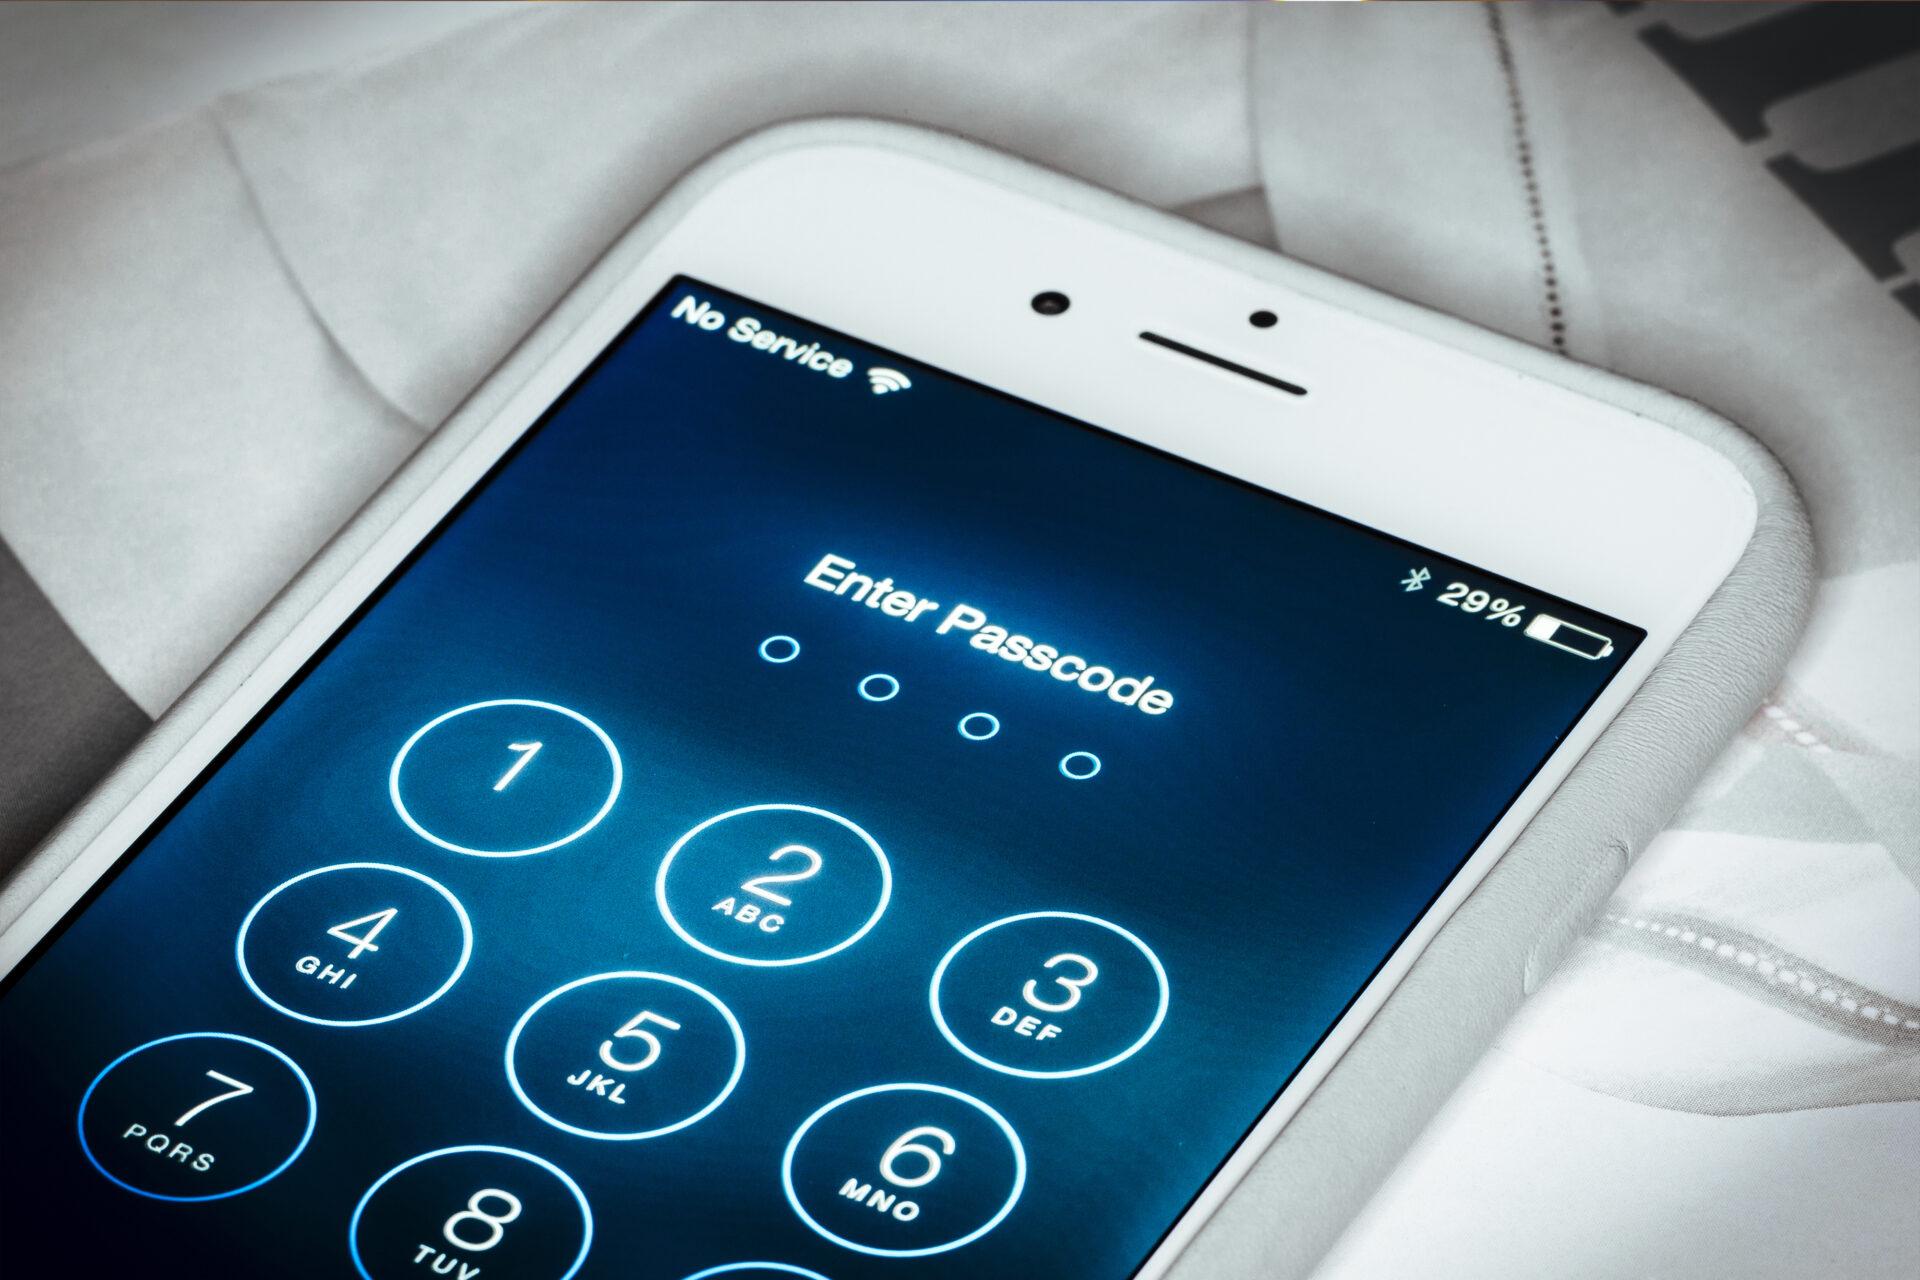 Sécurisation des smartphones, au doigt et à l'oeil